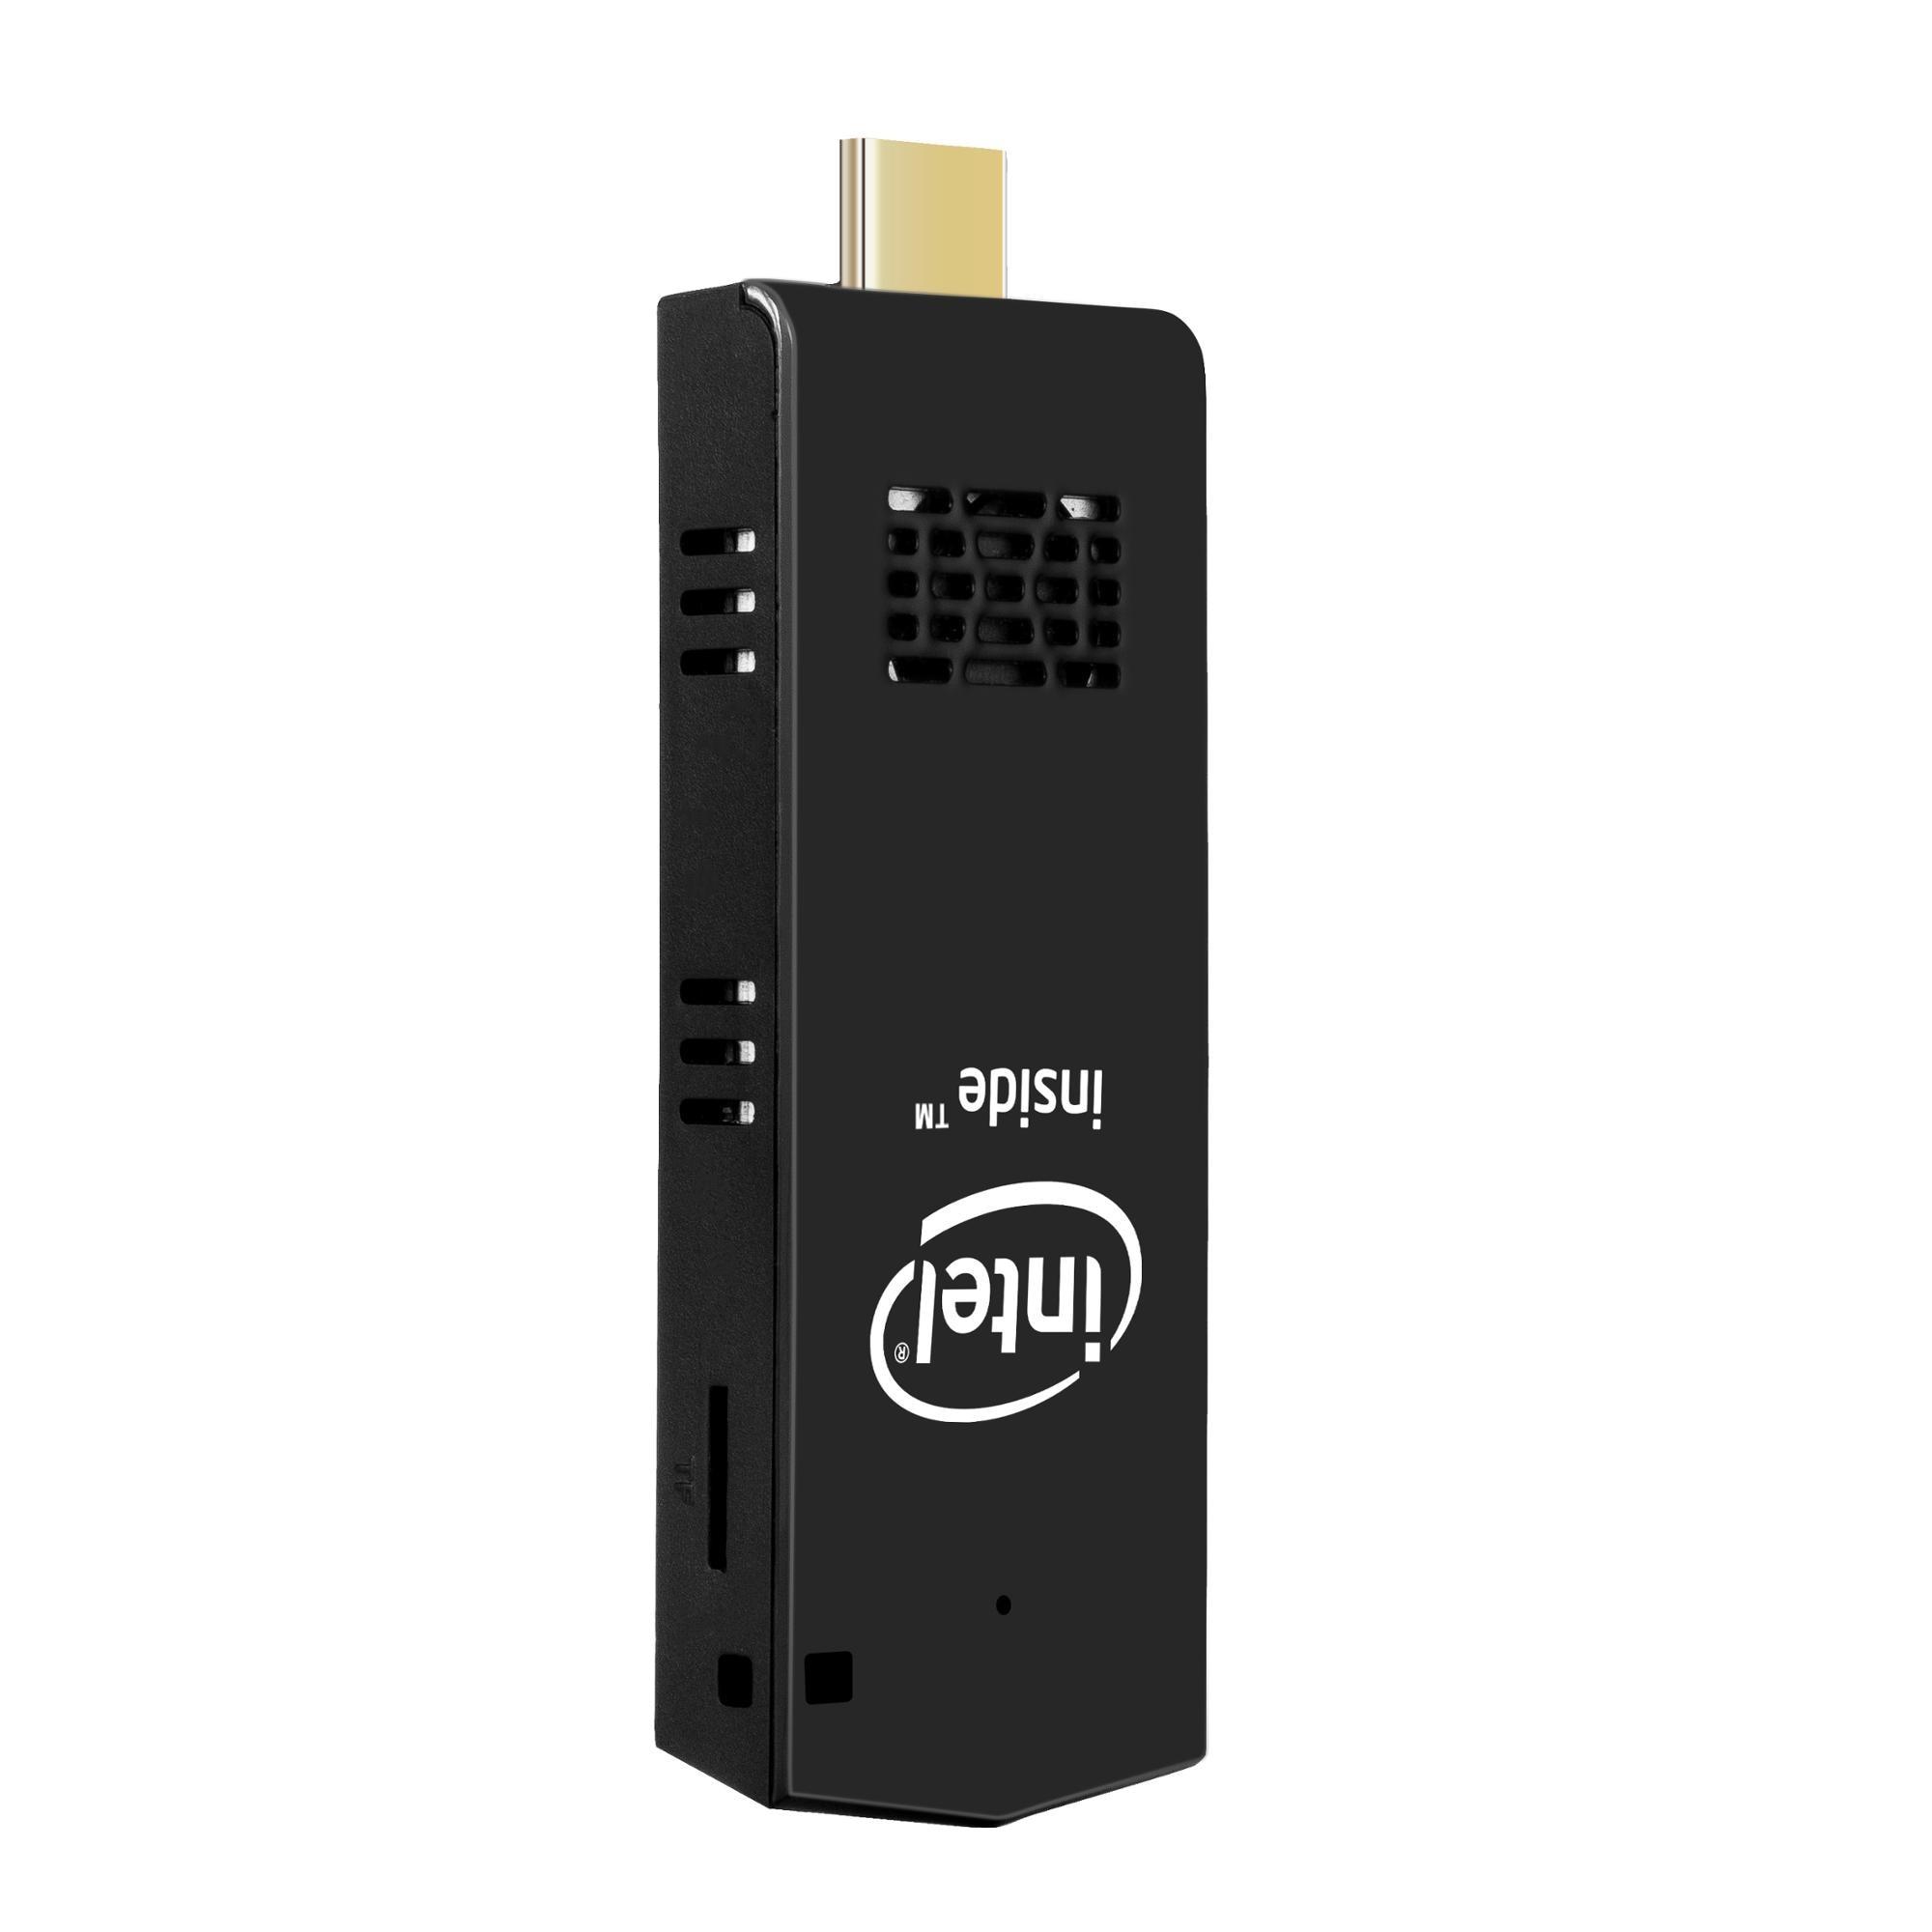 2019 W5 Pro Compute Intel Atom X5 Z8350 Best Windows10 PC Sticks